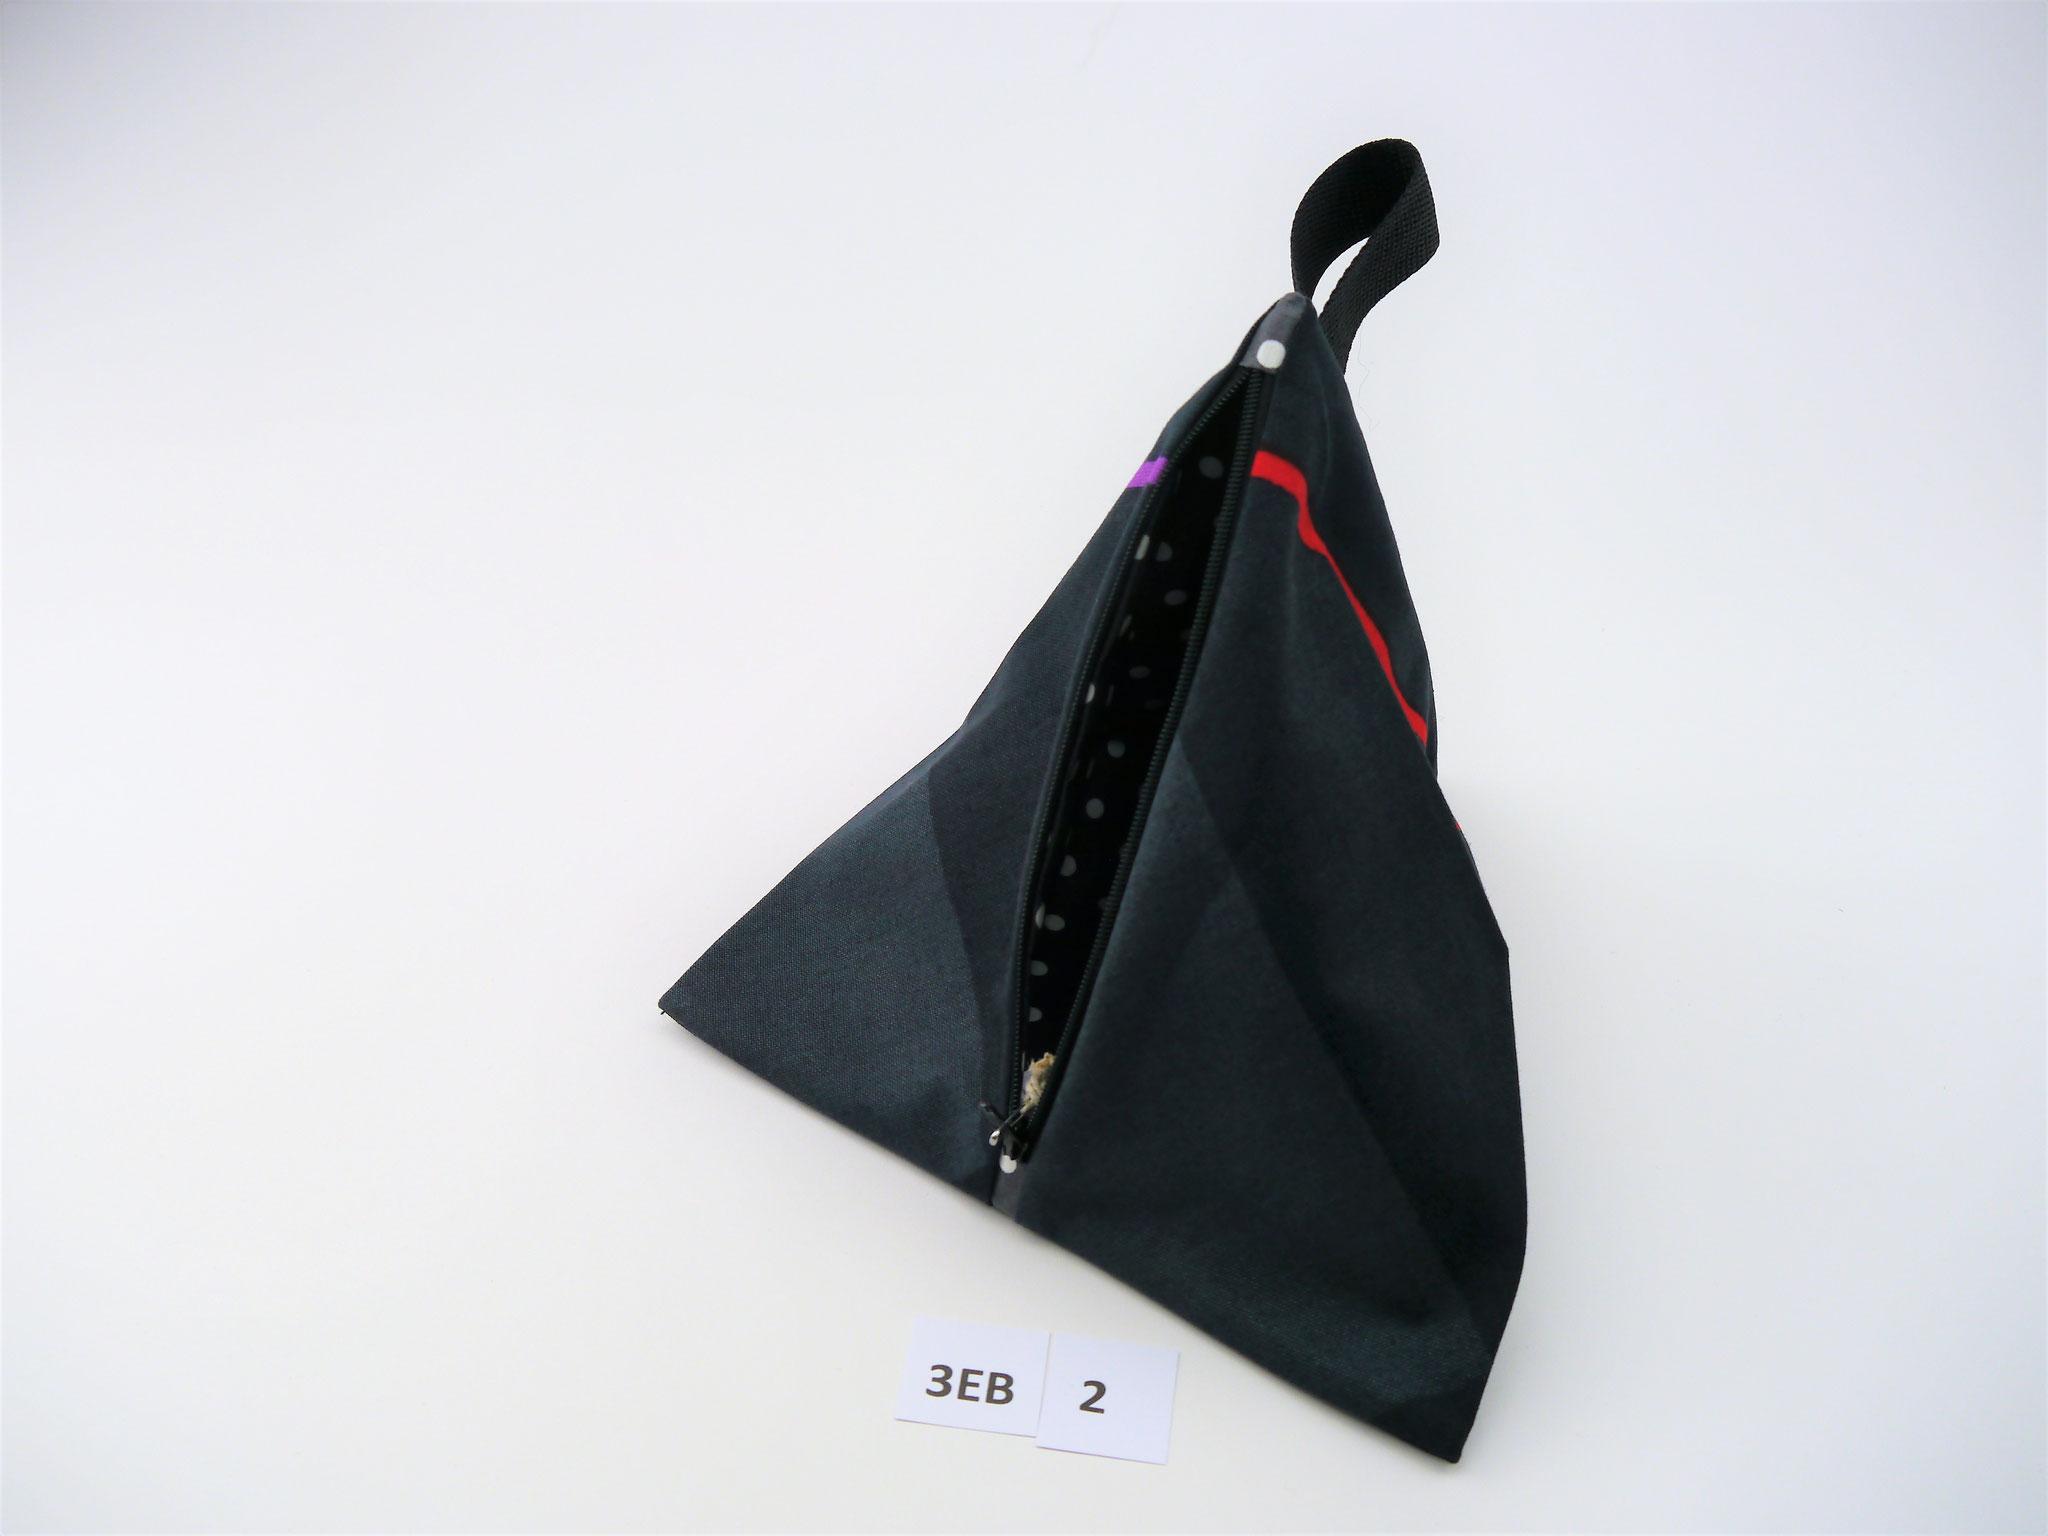 3EB 2 : Breite vorne: 23 cm * Länge Reißverschluss: 18,5 cm * Tiefe in Spitze vom Boden: 22 cm * AS BW / IS BBW öko * 16,90€